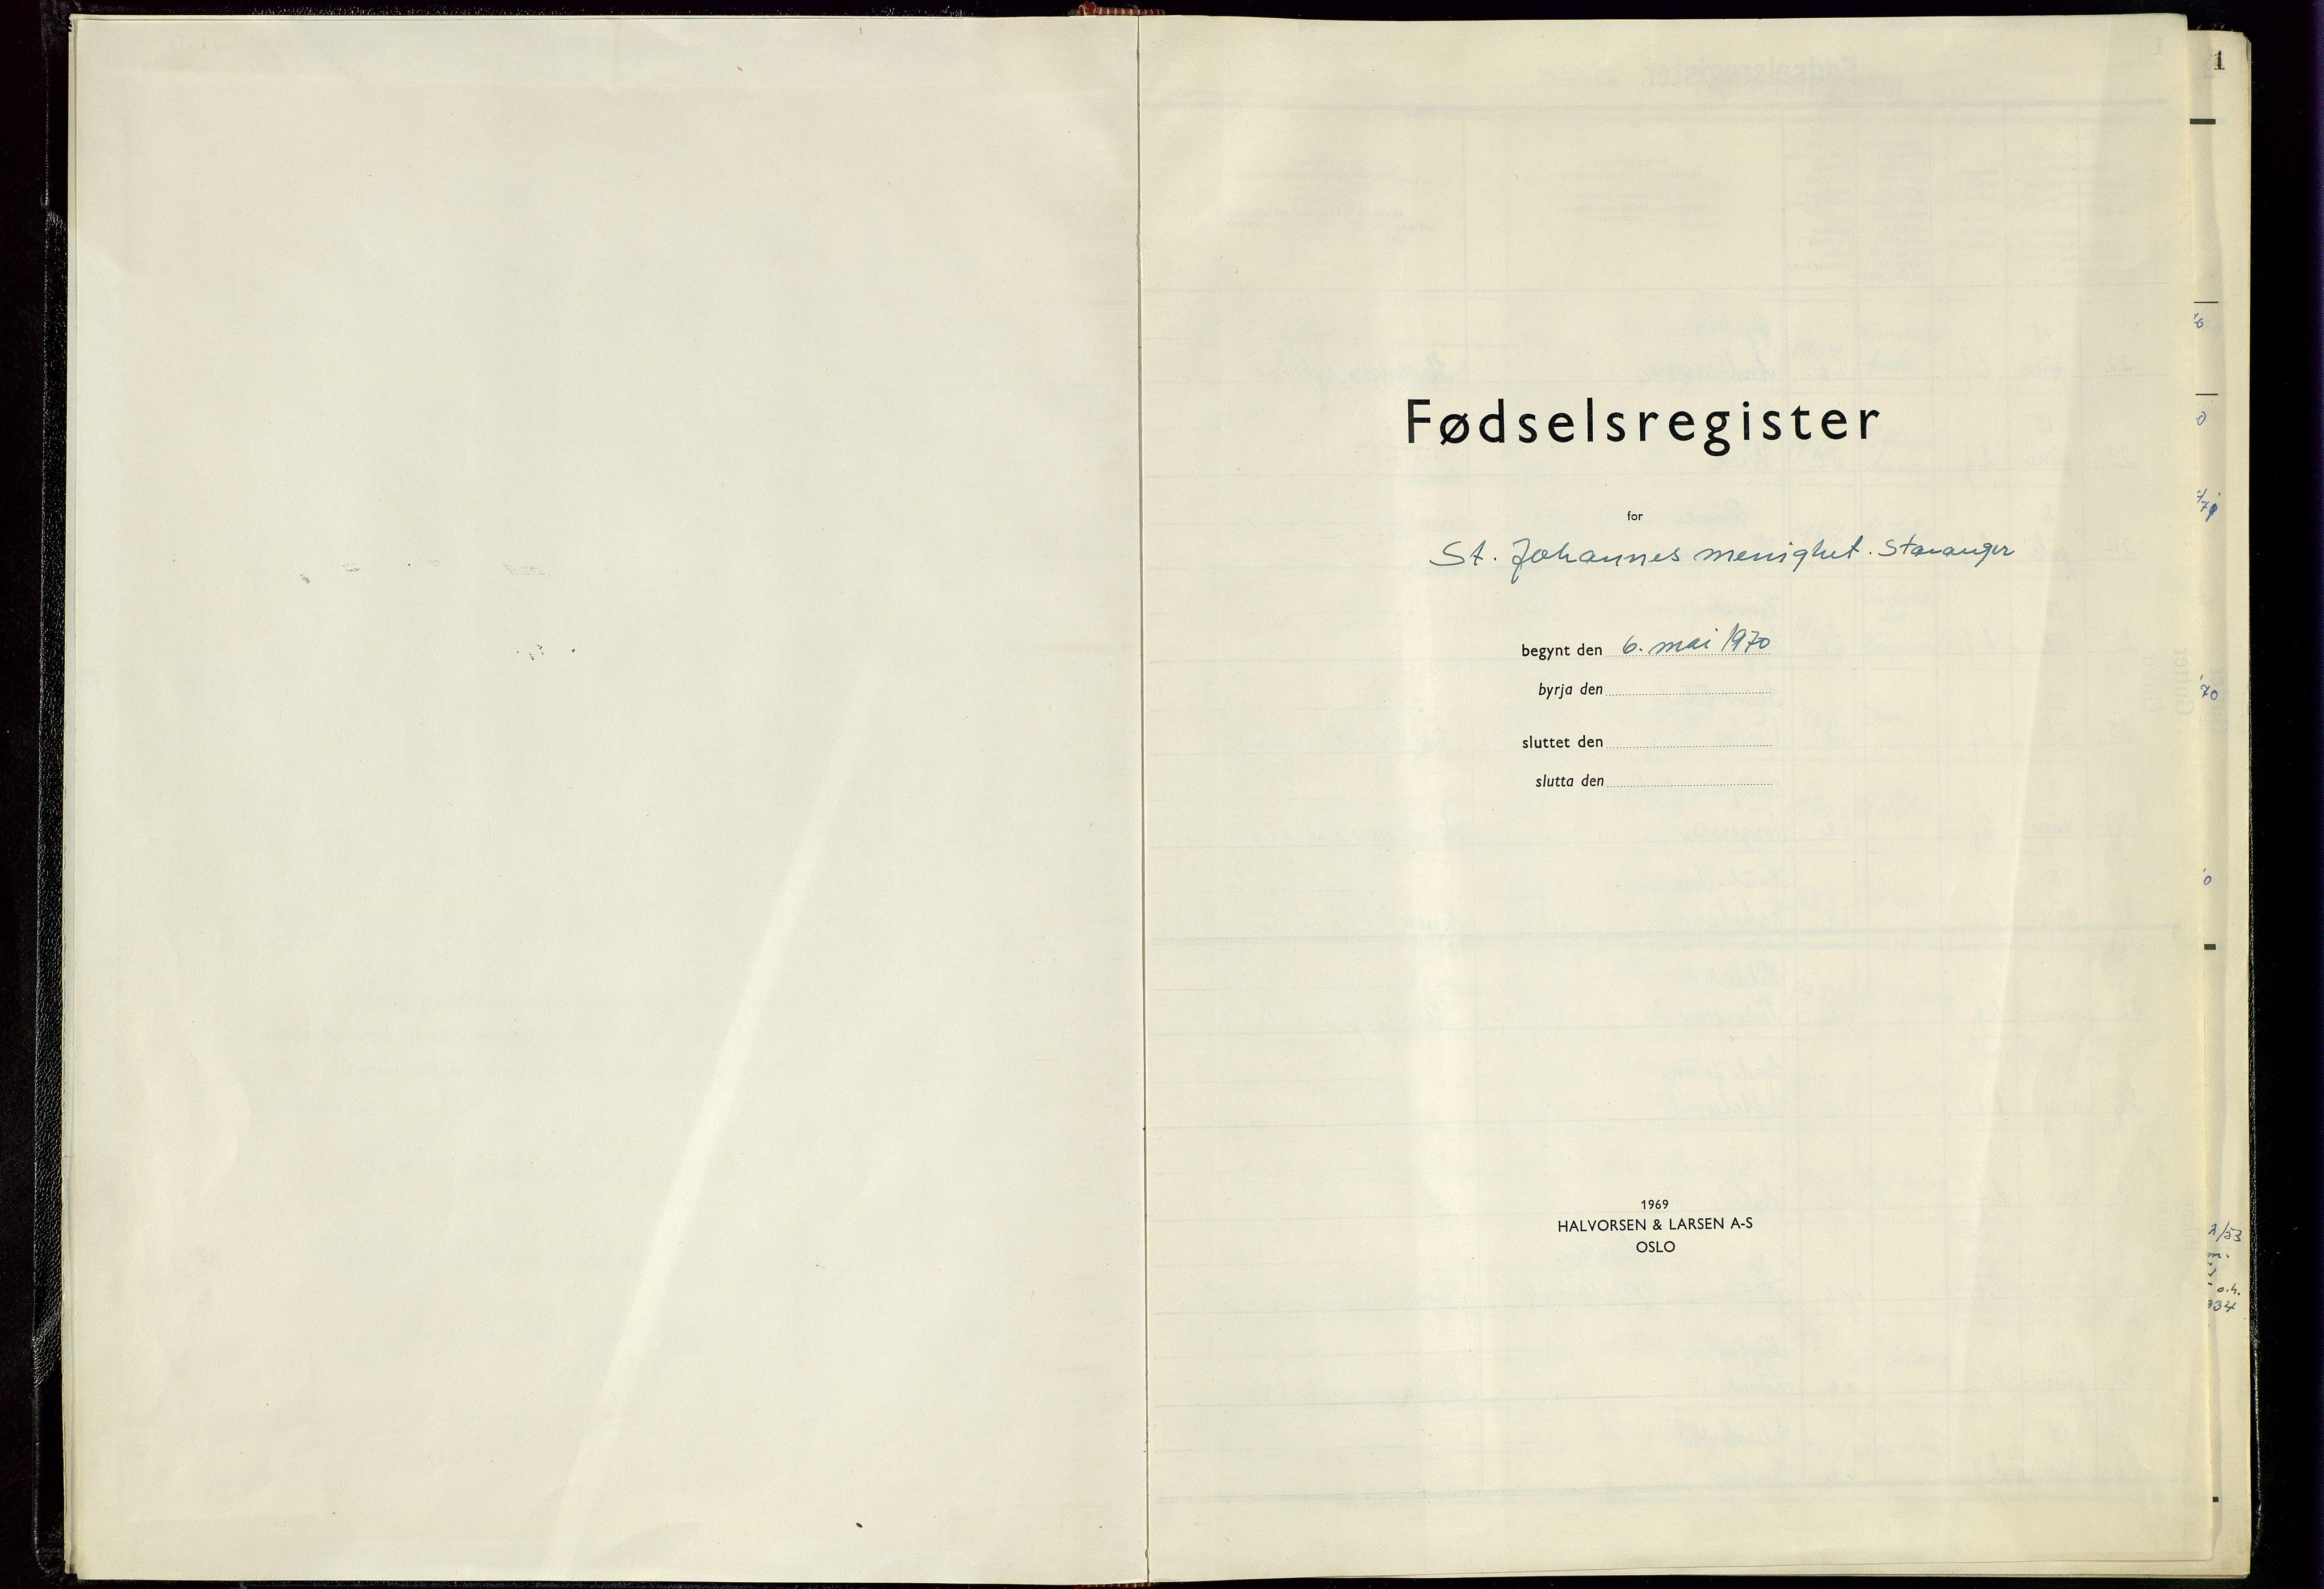 SAST, St. Johannes sokneprestkontor, 904CA/904/904CA: Fødselsregister nr. 8, 1970-1982